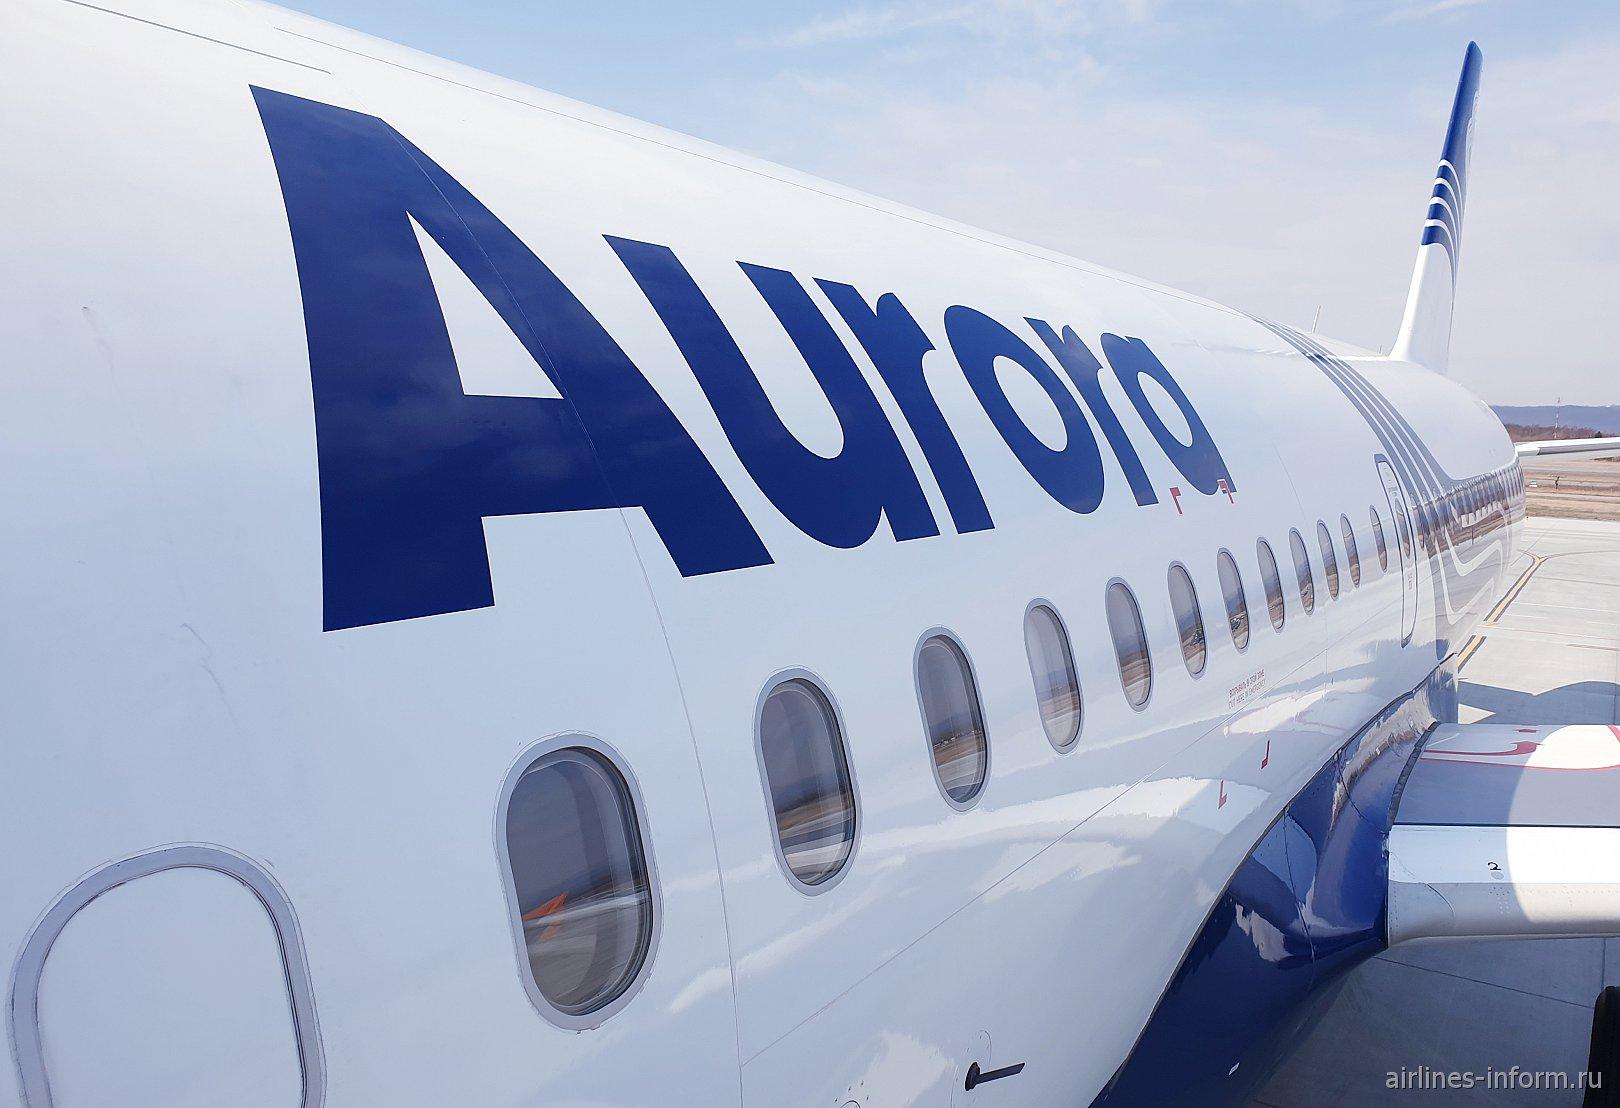 Южно-Сахалинск (UUS) - Хабаровск (KHV). а/к Аврора Airbus A319-100 (эконом).